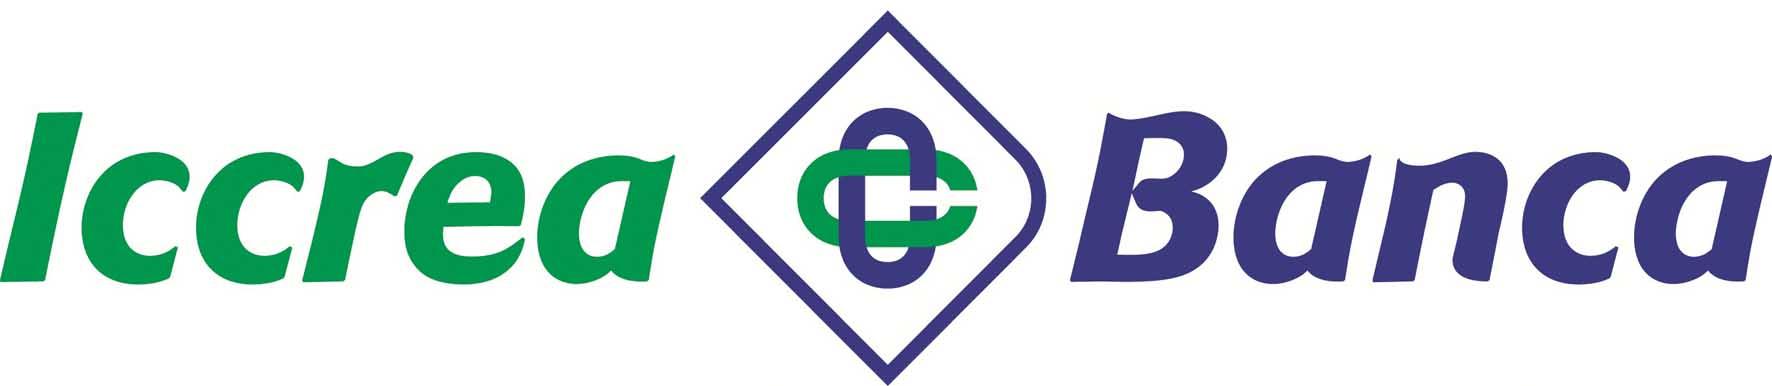 iccrea banca logo 1